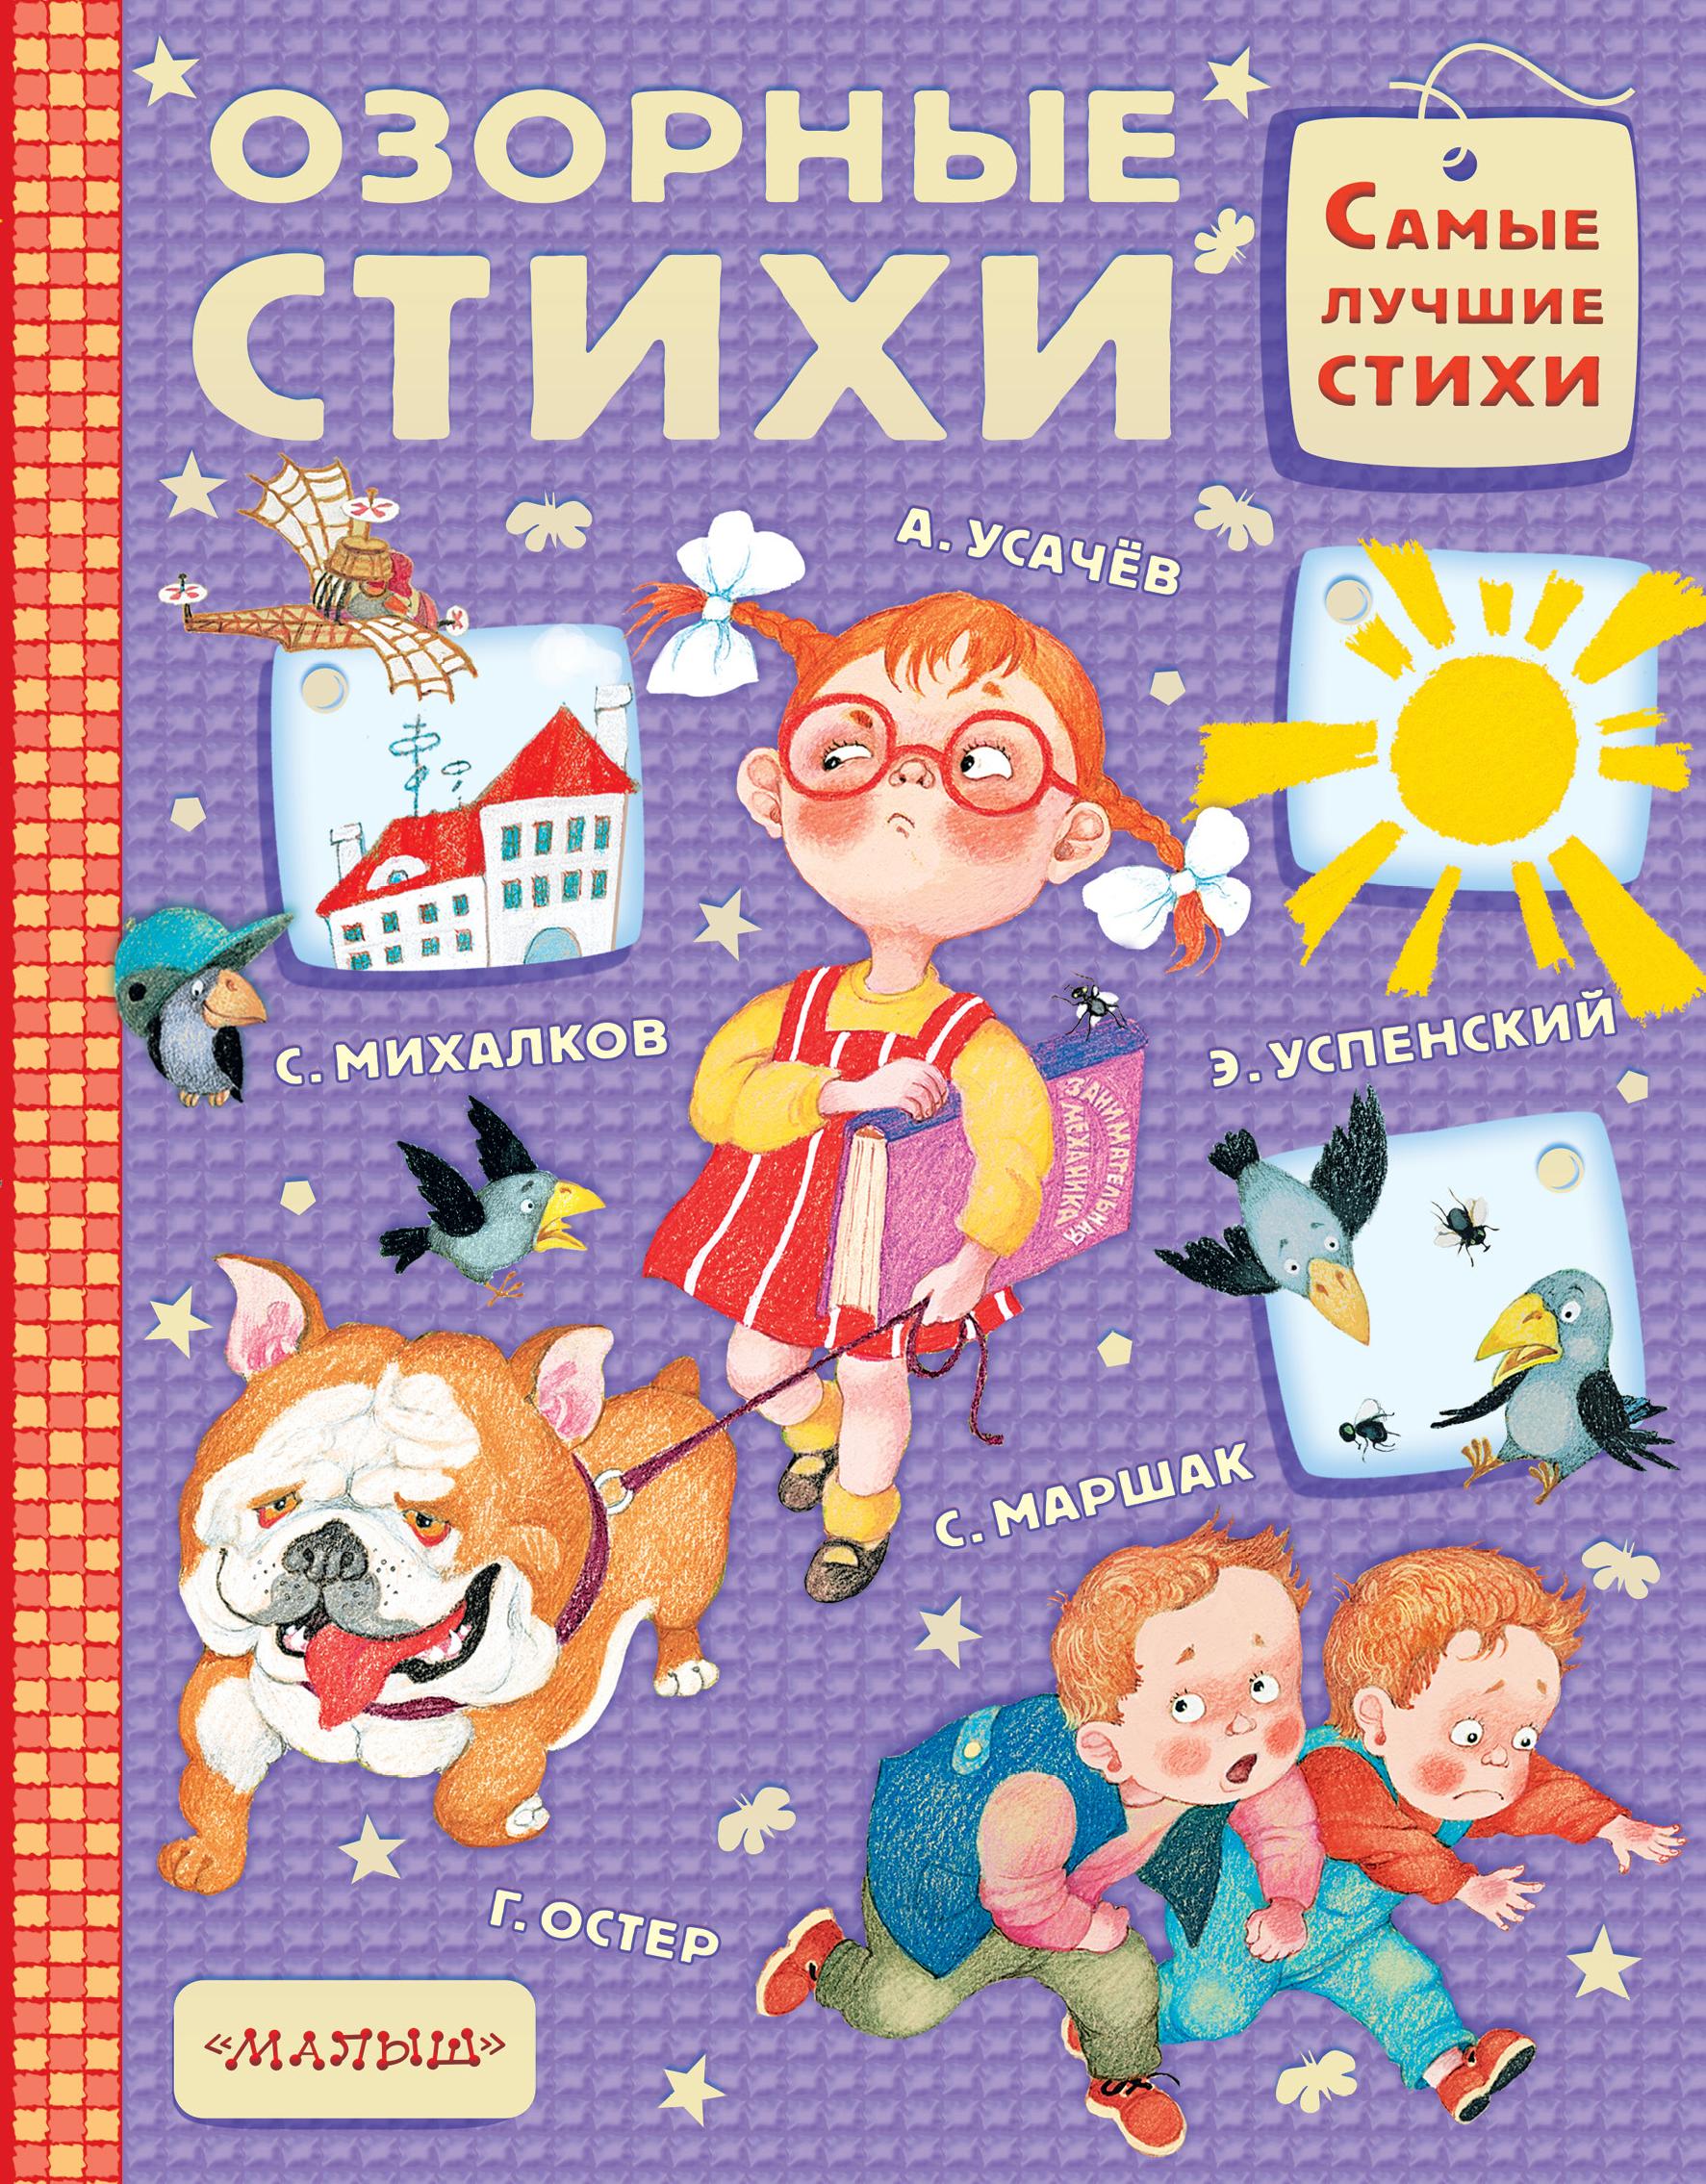 С. Маршак, С. Михалков, А. Барто, Э. Успенский и др. Озорные стихи